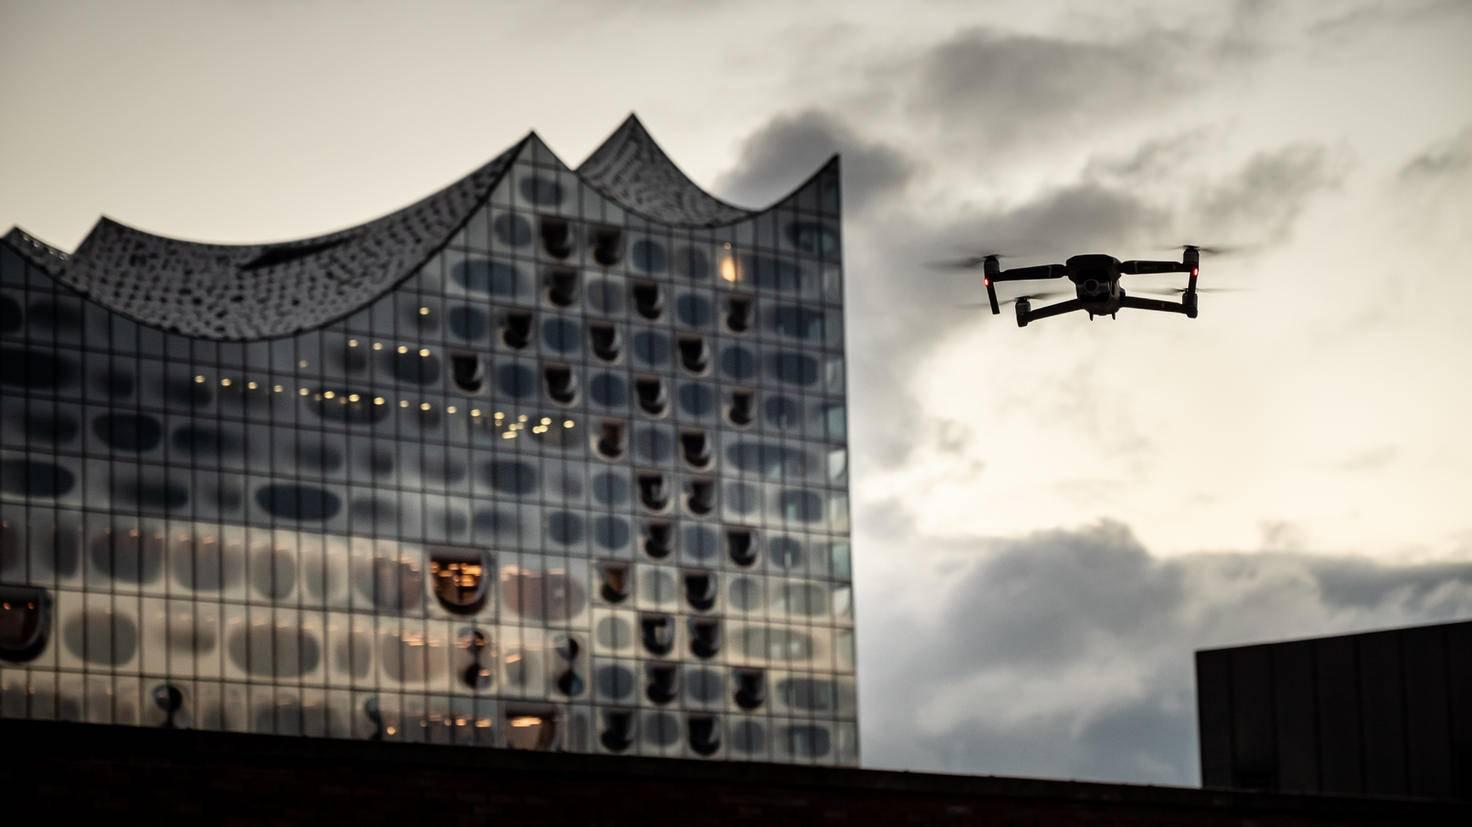 Zahlreiche Sensoren sorgen für sicheres Fliegen.